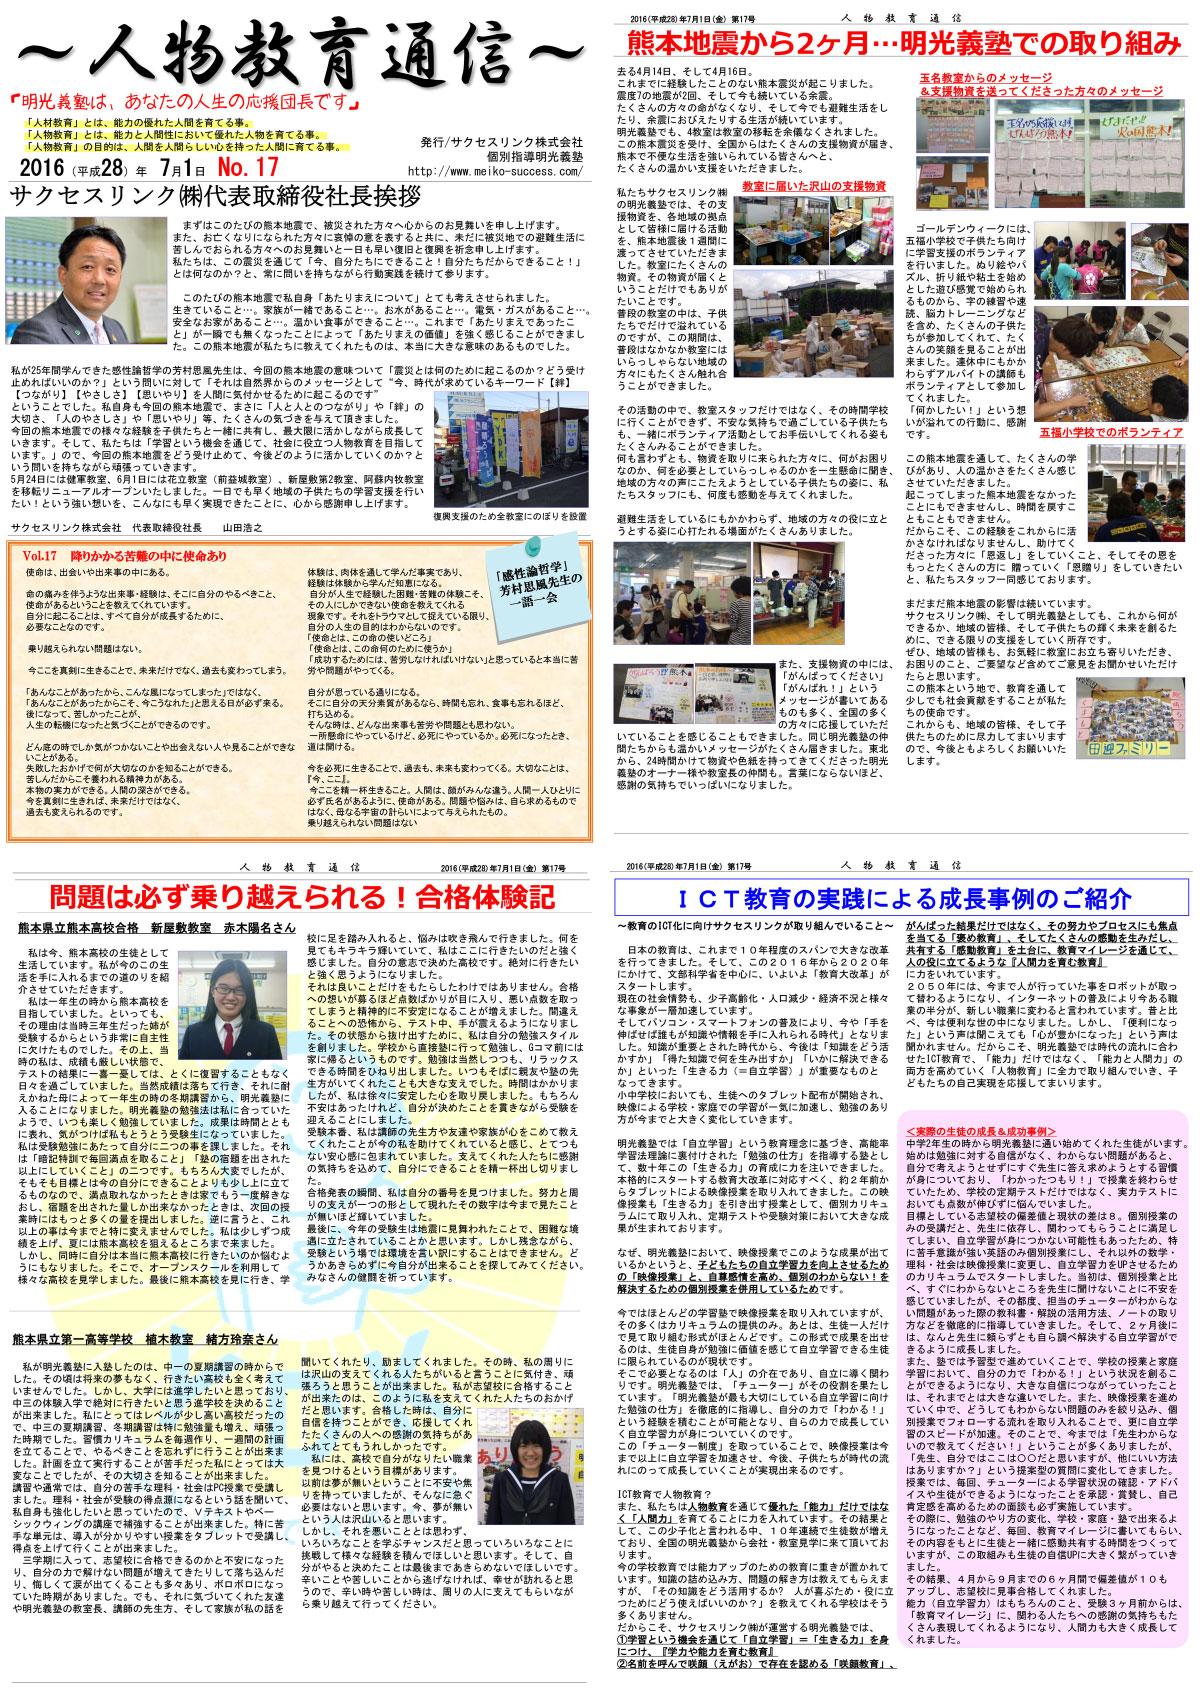 人物教育通信Vol17 発行のお知らせ